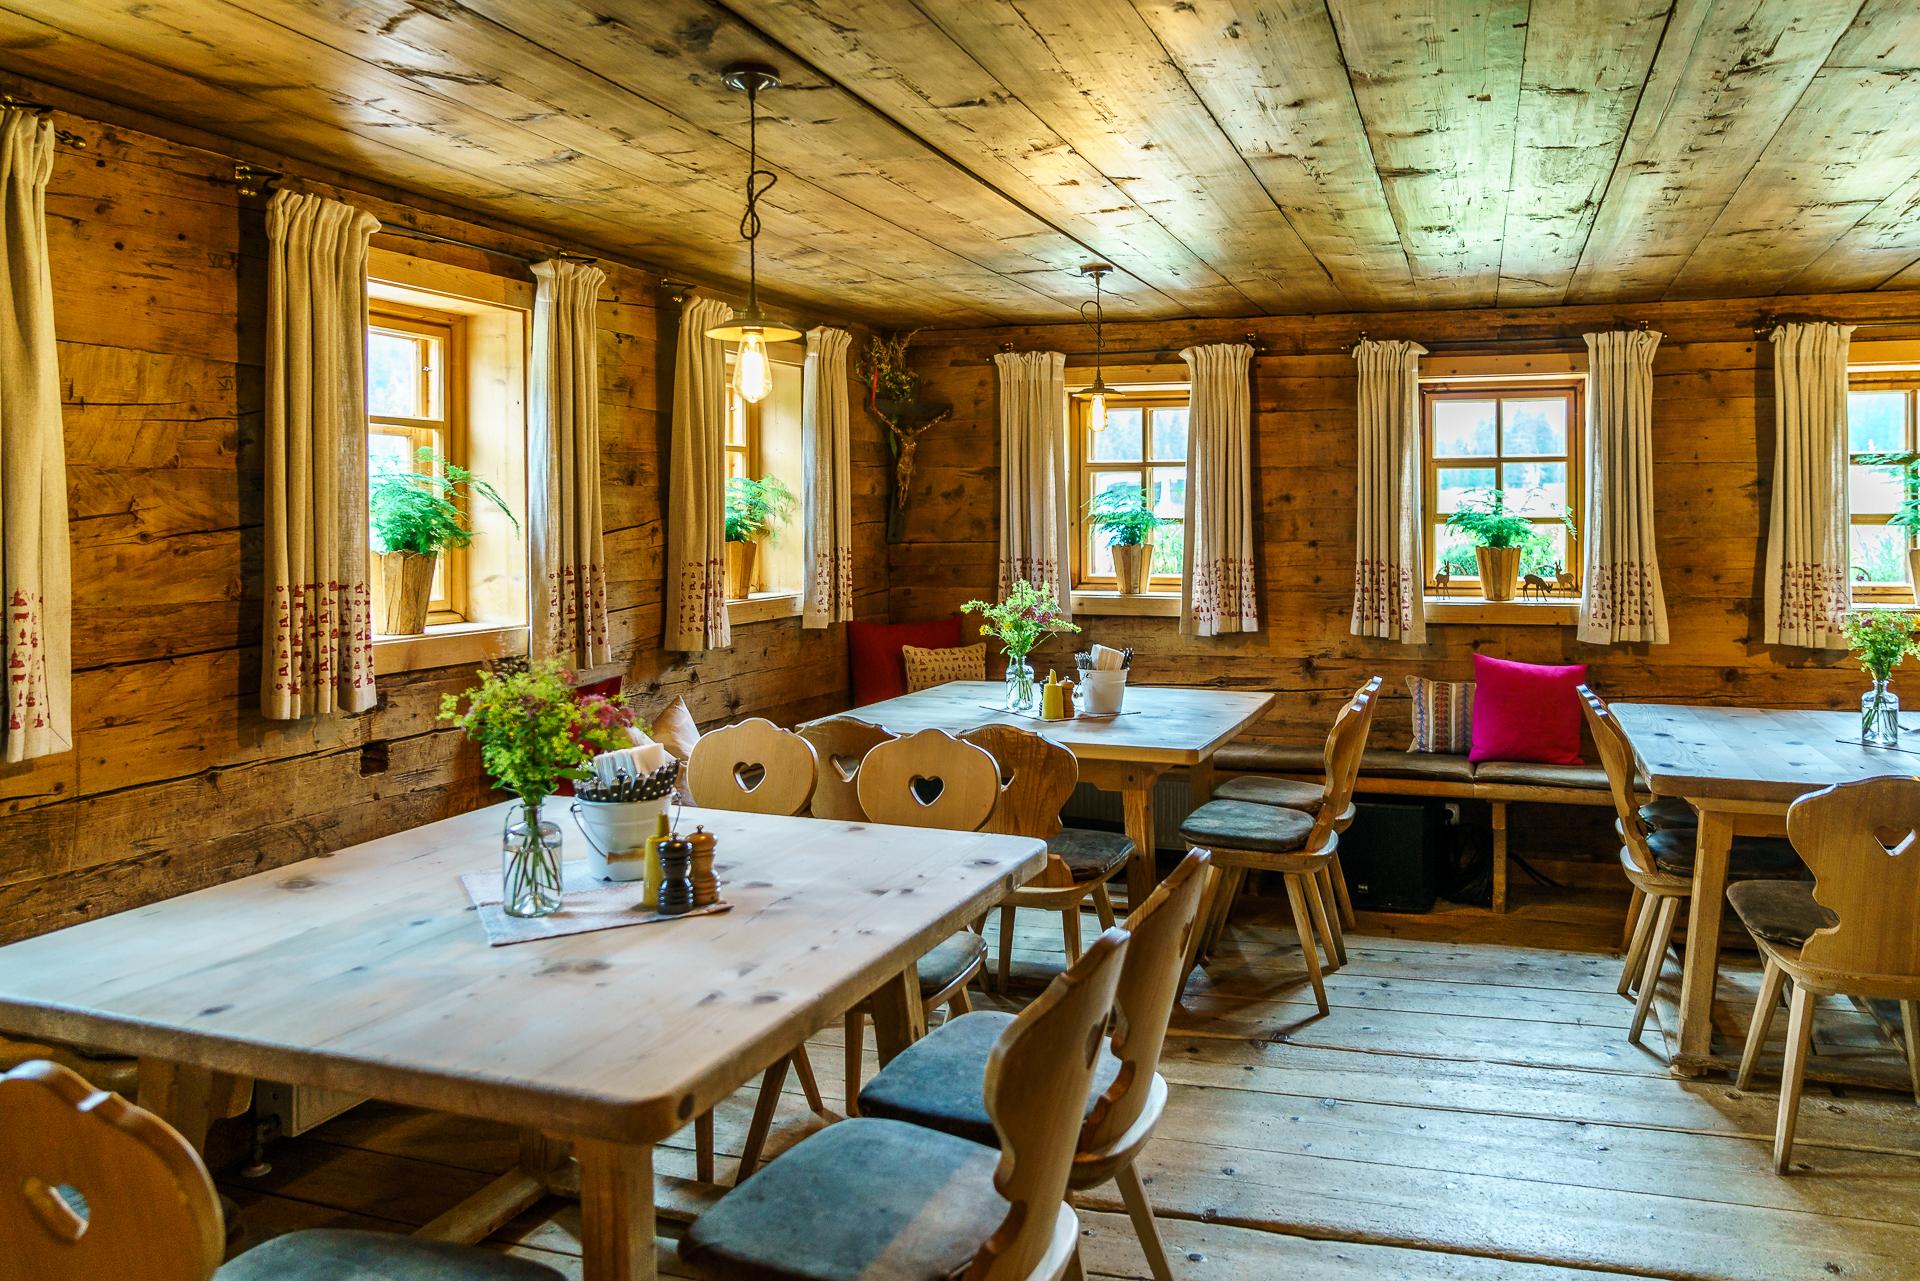 Restaurant-Aelple-Lech